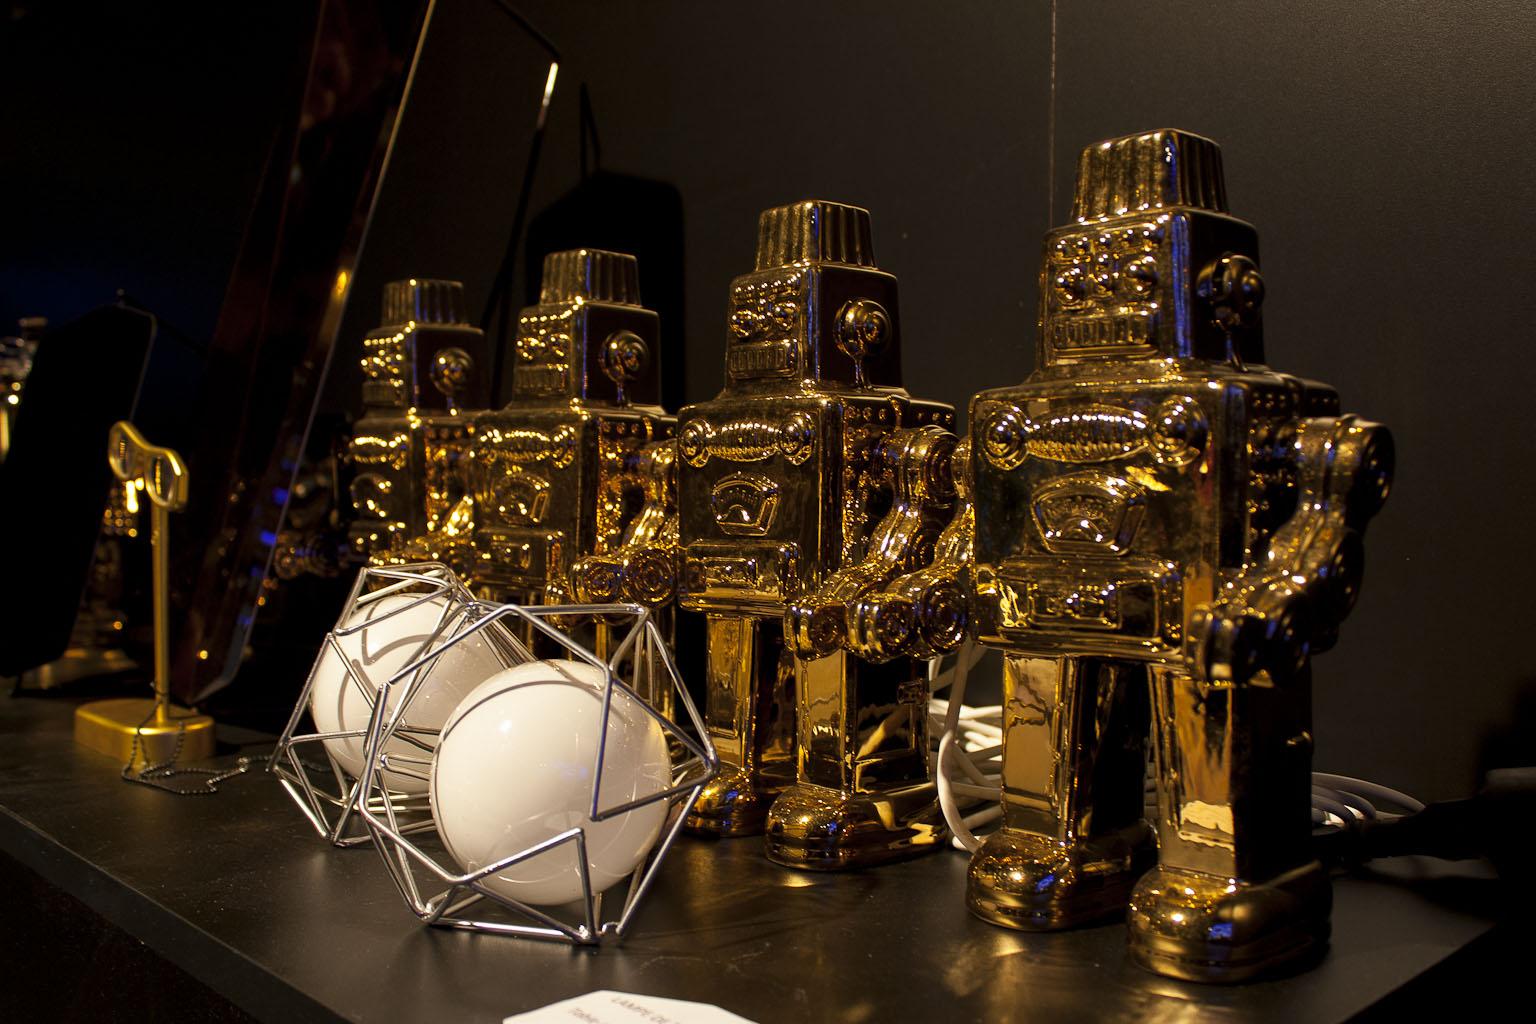 Mon robot en porcelaine or, Seletti, elsewhere : Beyond, Vincent Grégoire, agence Nelly Rodi, Maison et objet janvier 2014